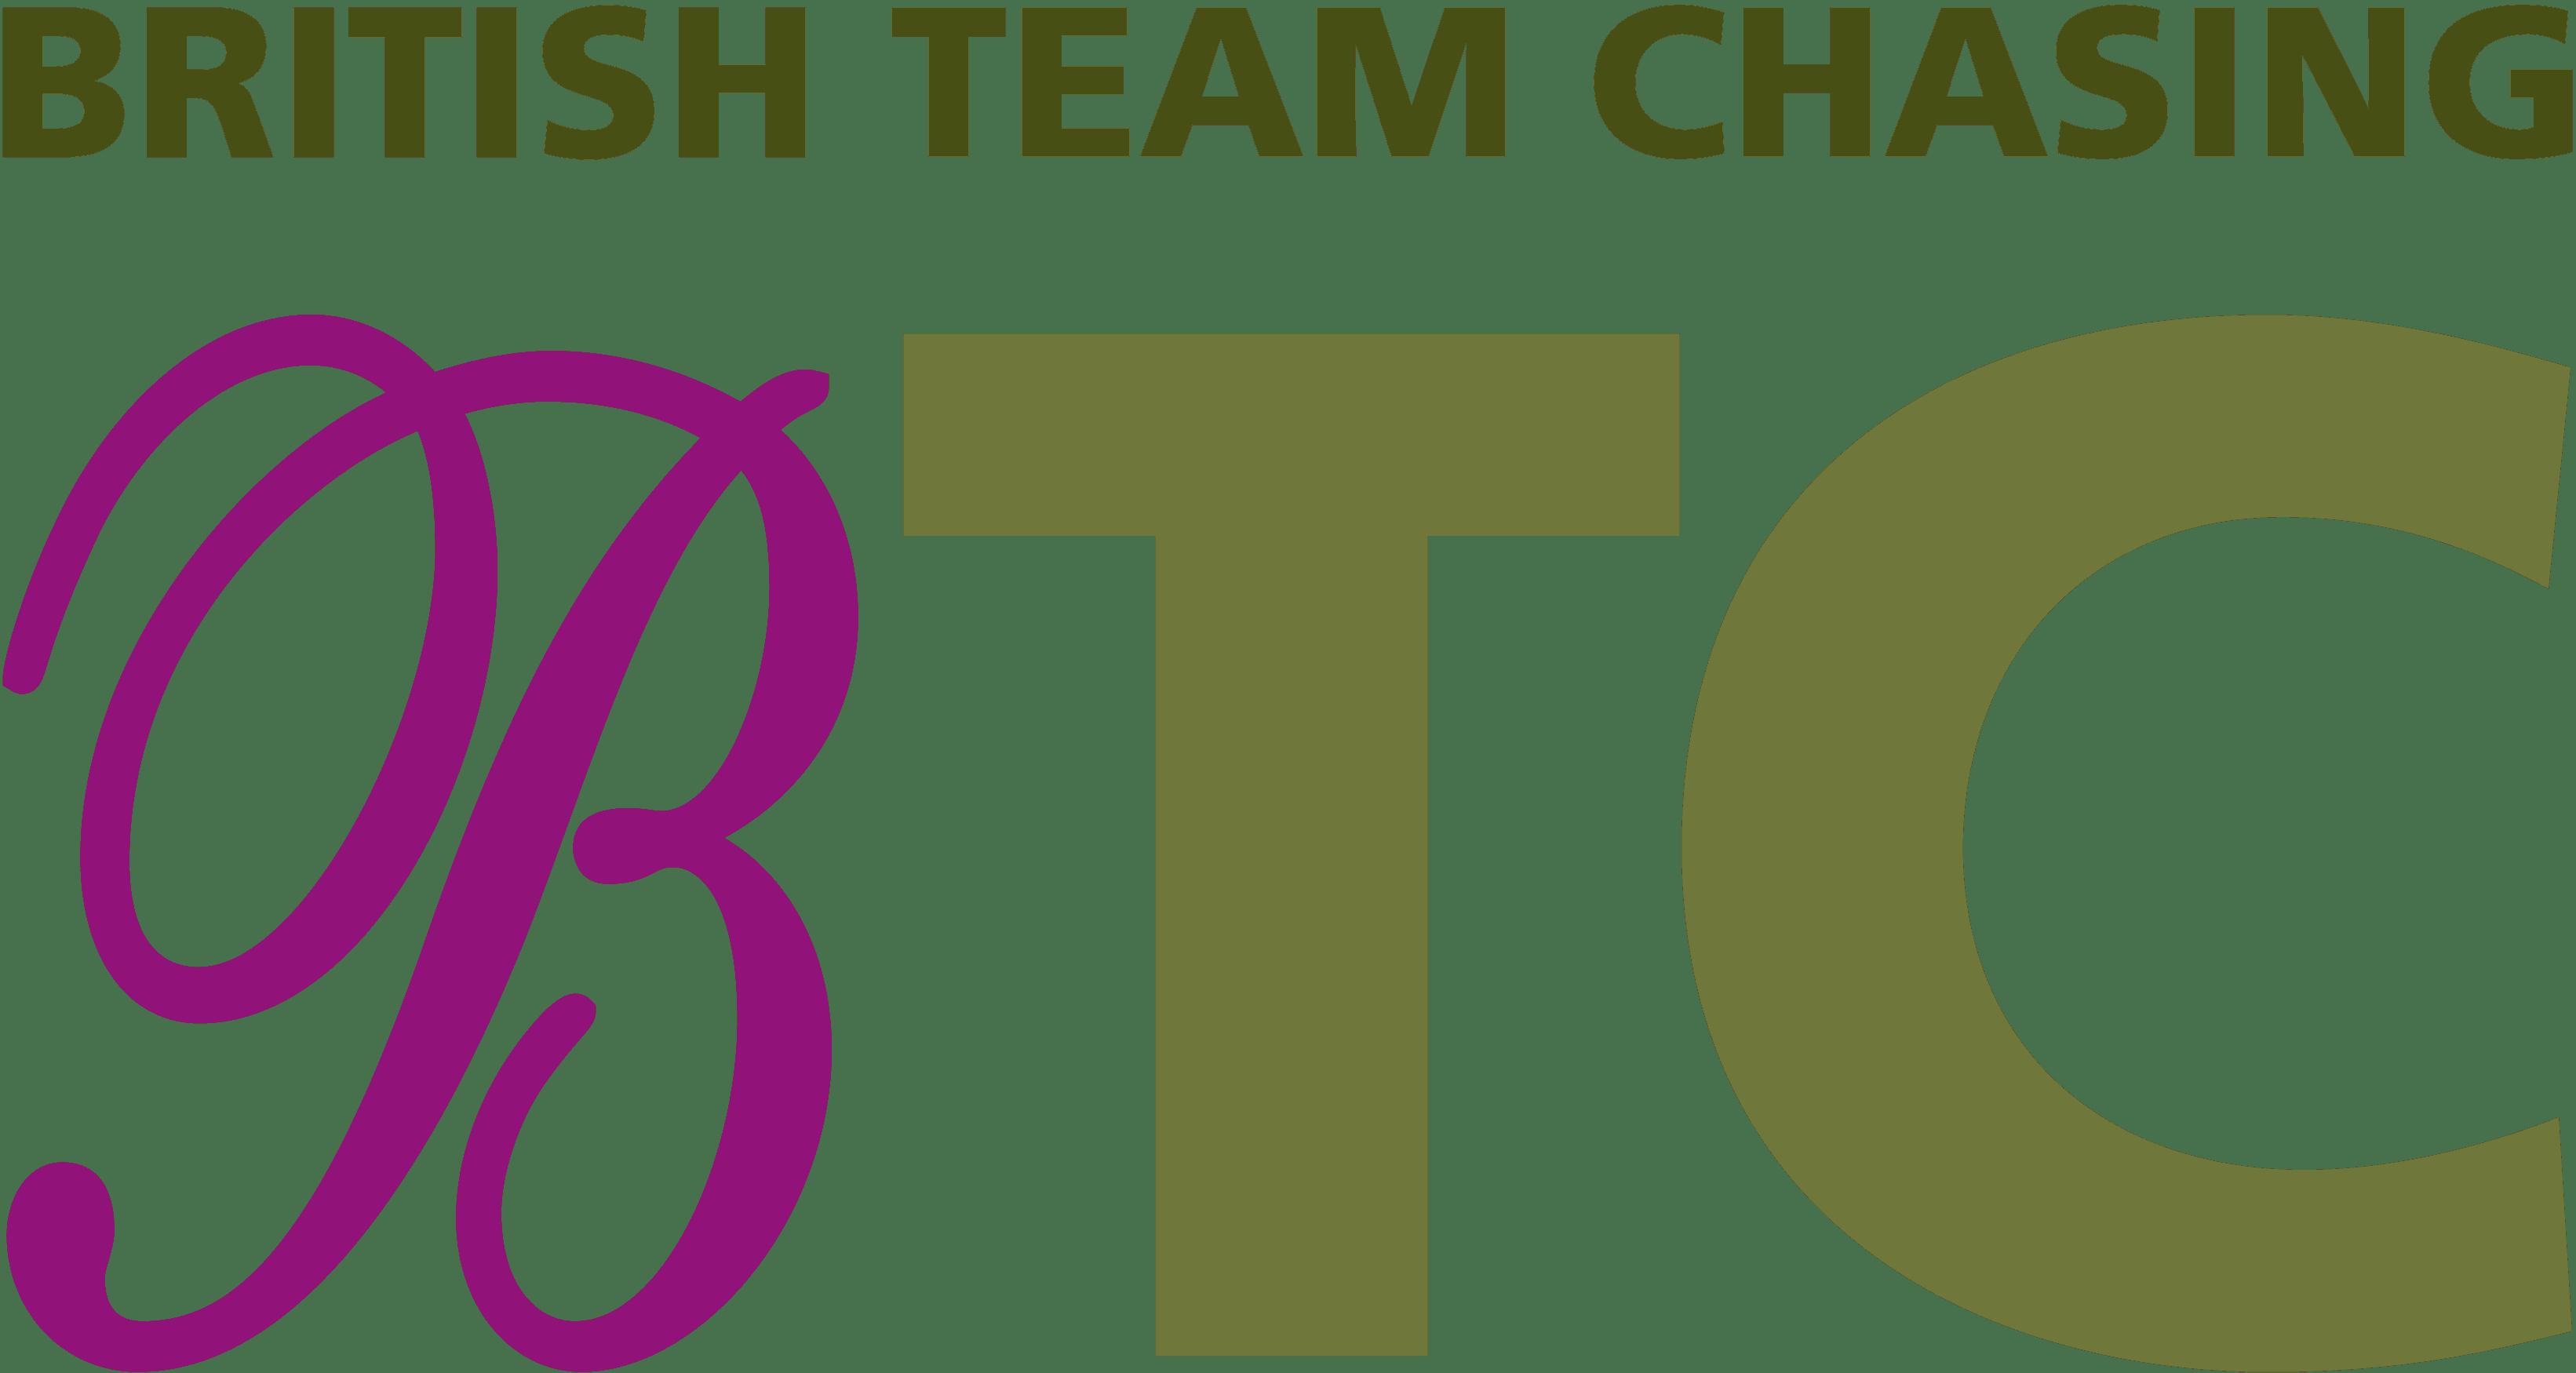 British Team Chasing